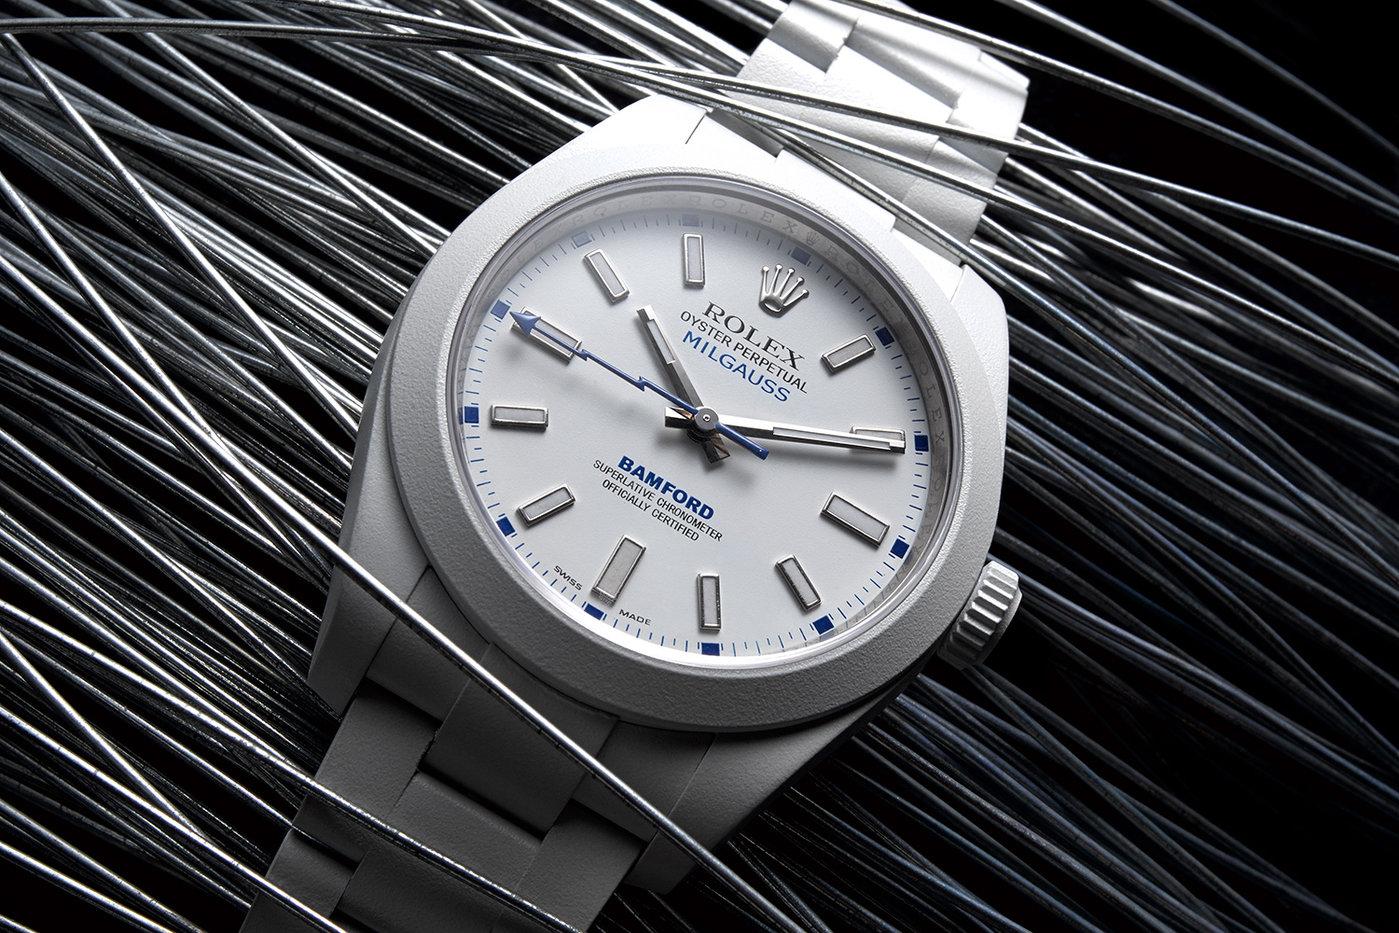 bamford-watch-department-polar-rolex-watches-03.jpg